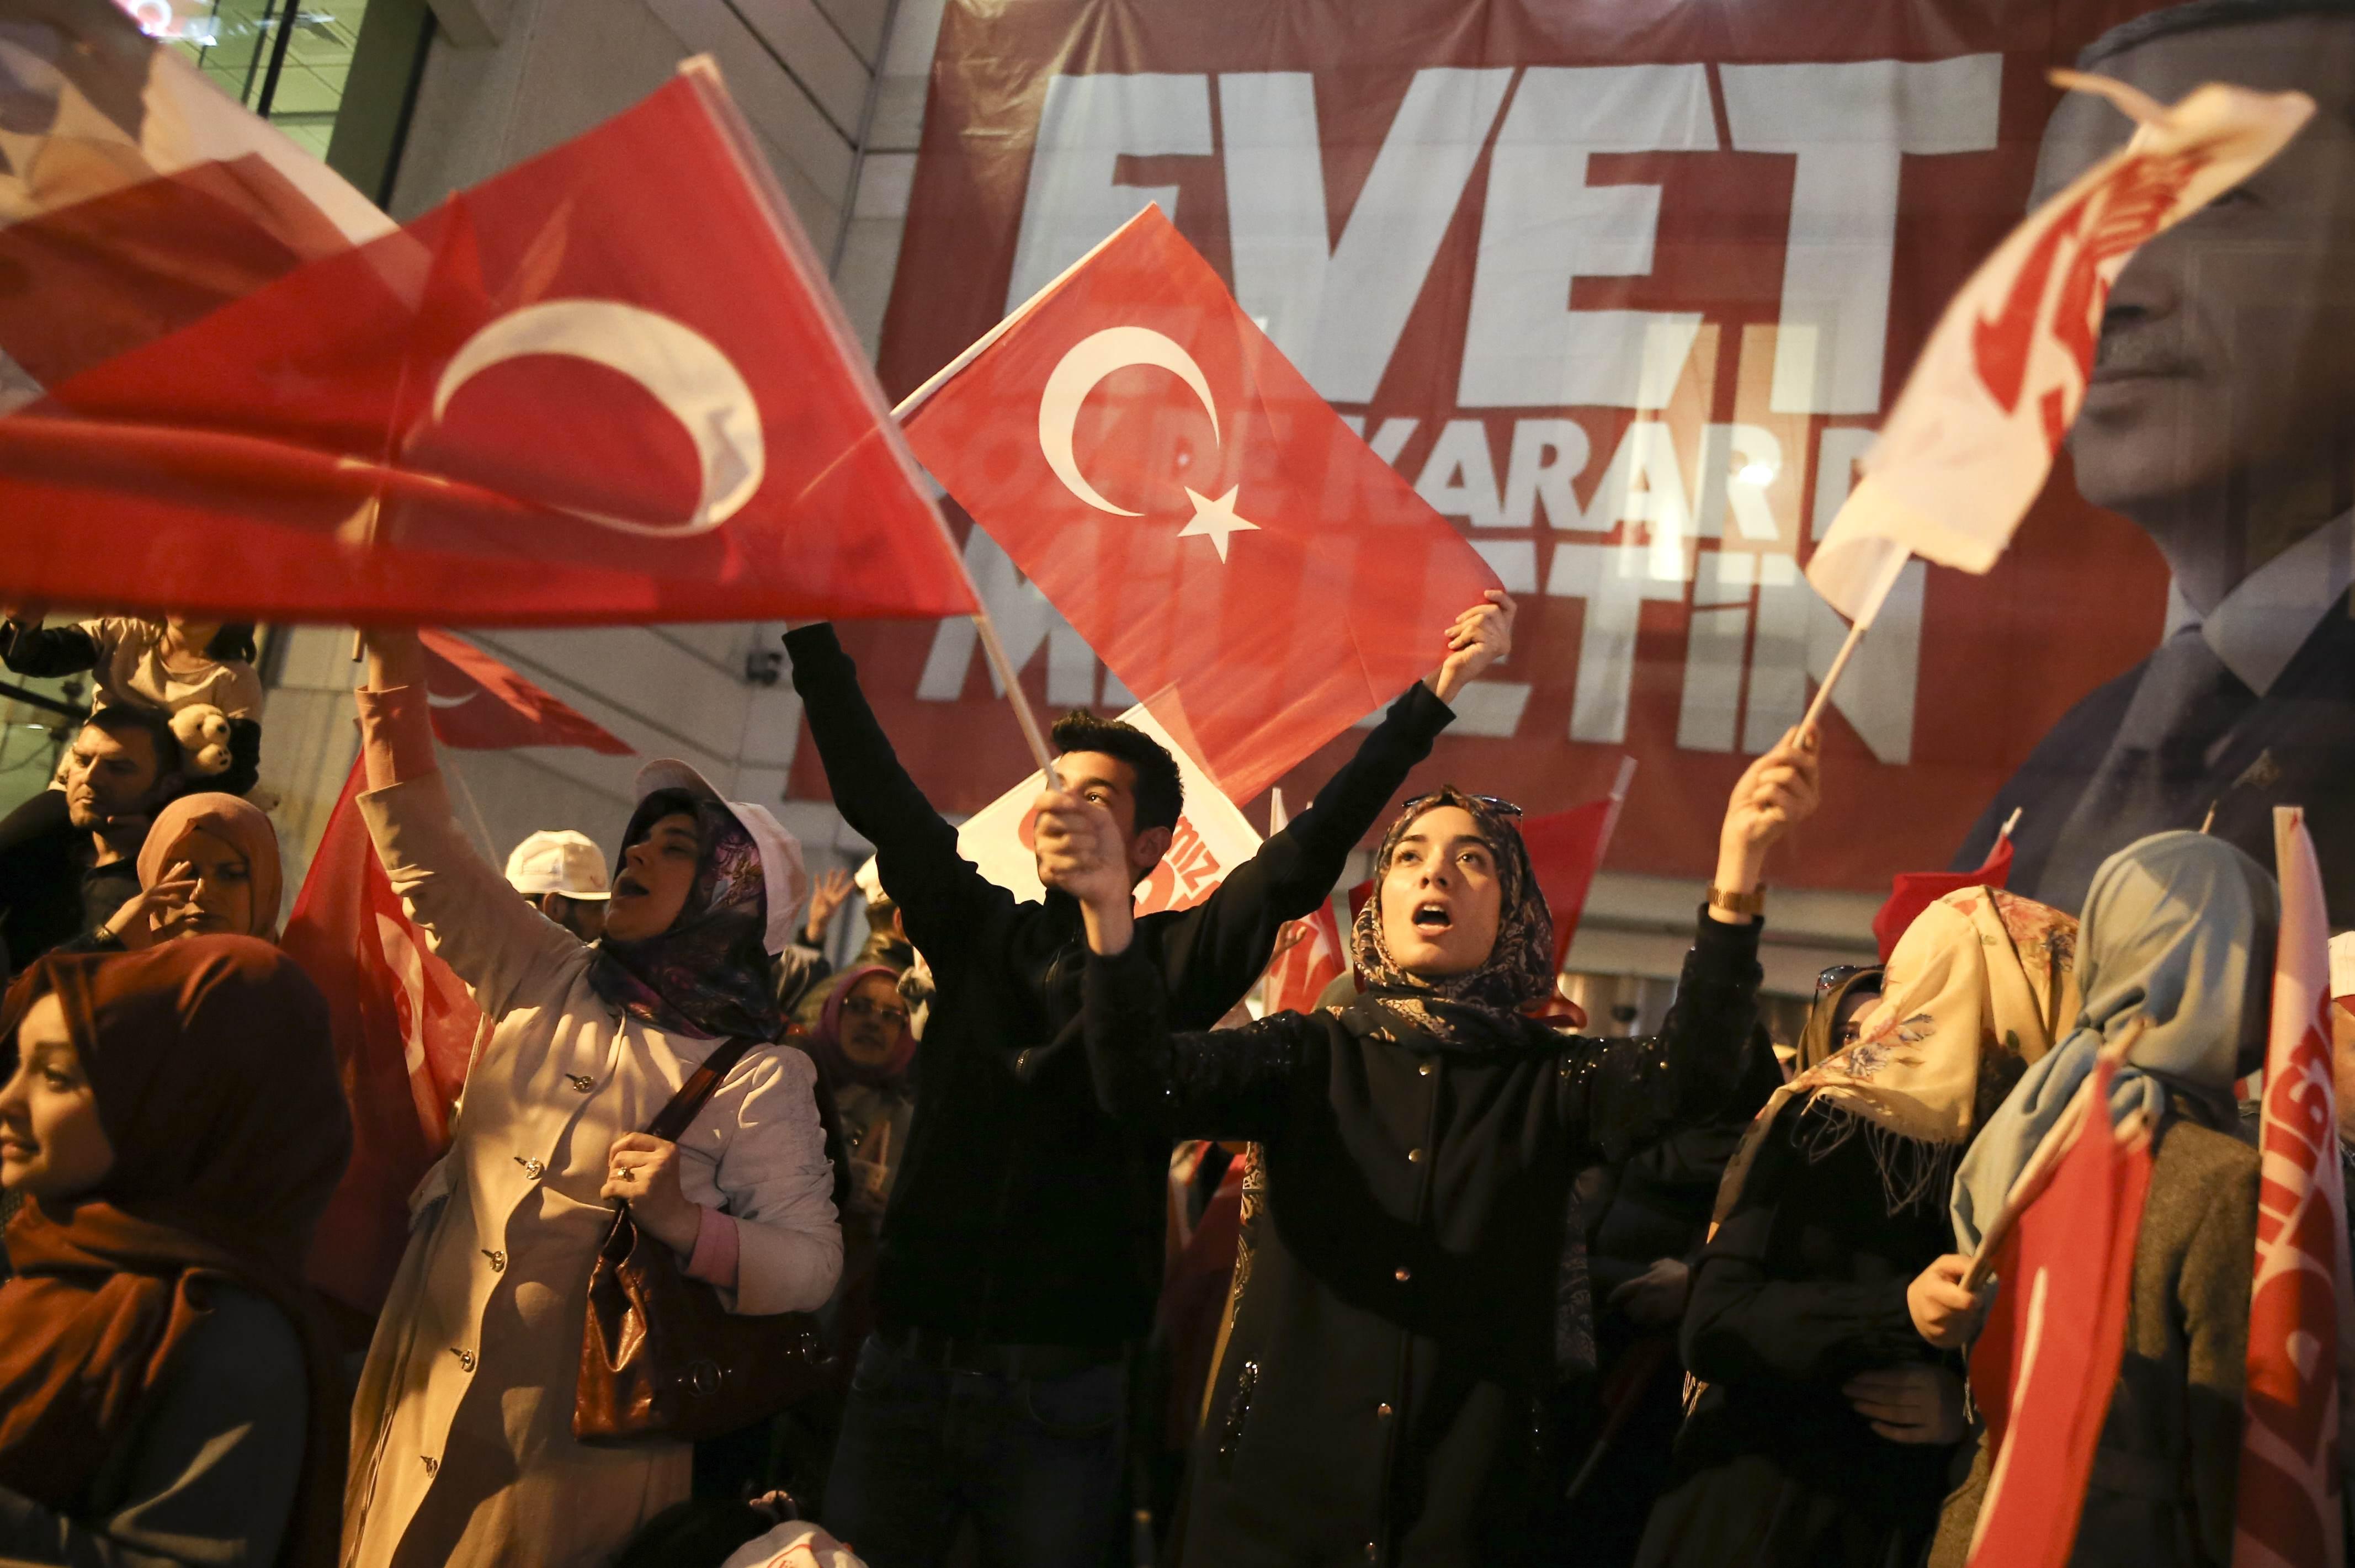 الأتراك يحسمون الاستفتاء بـنعم خجول